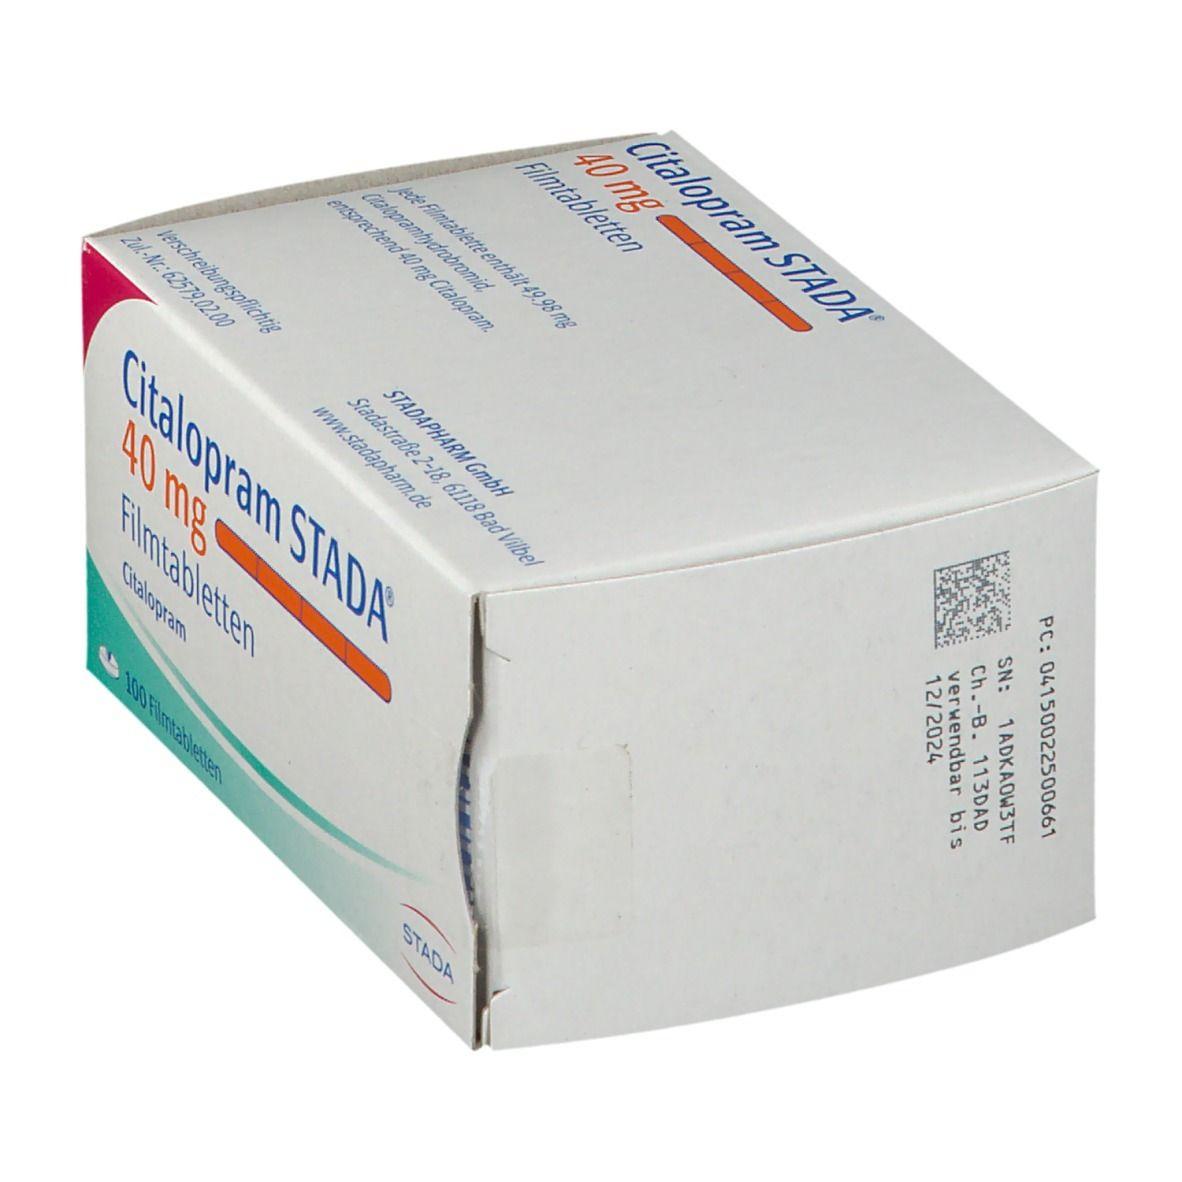 Citalopram Stada® 40 mg Filmtabletten